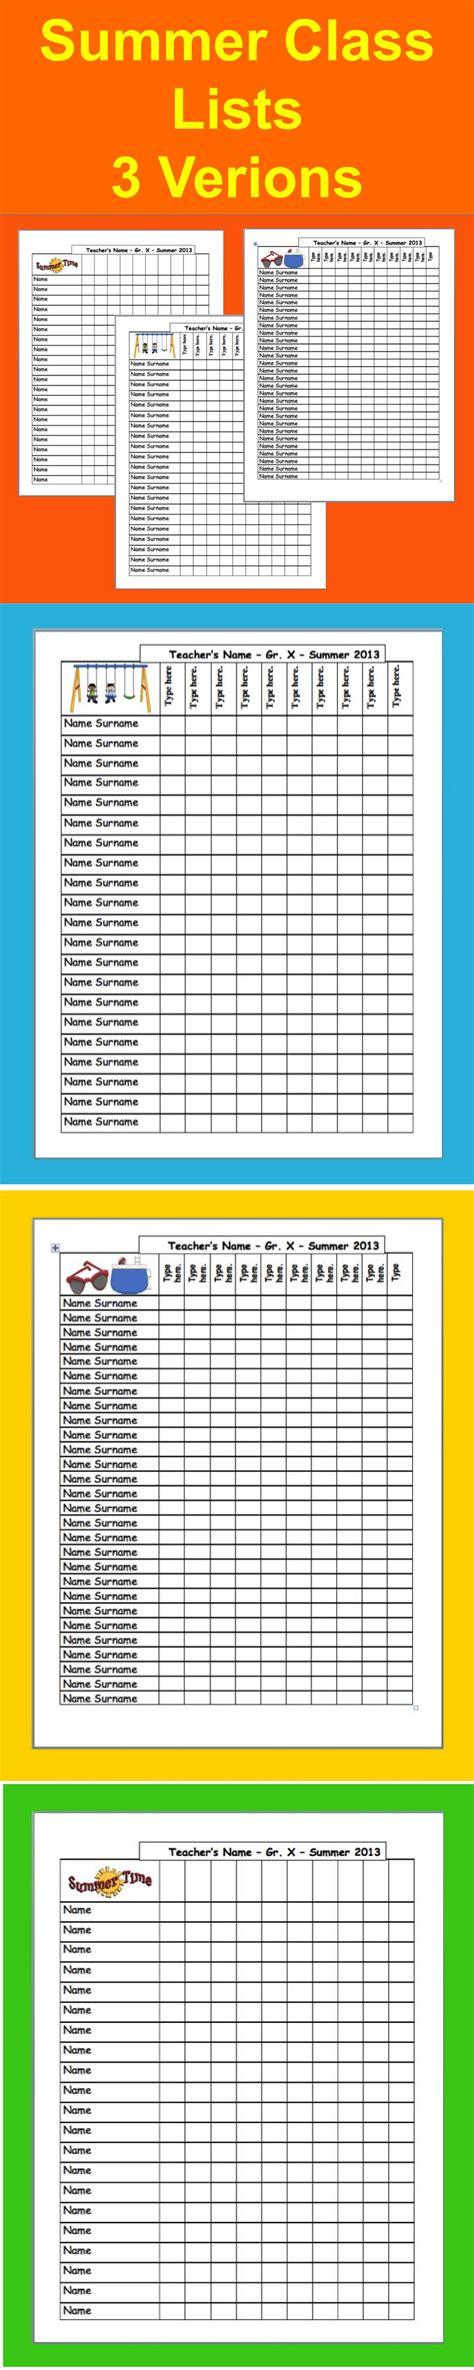 Summer School Class List Templates 3 To Choose Summer School C Template Class